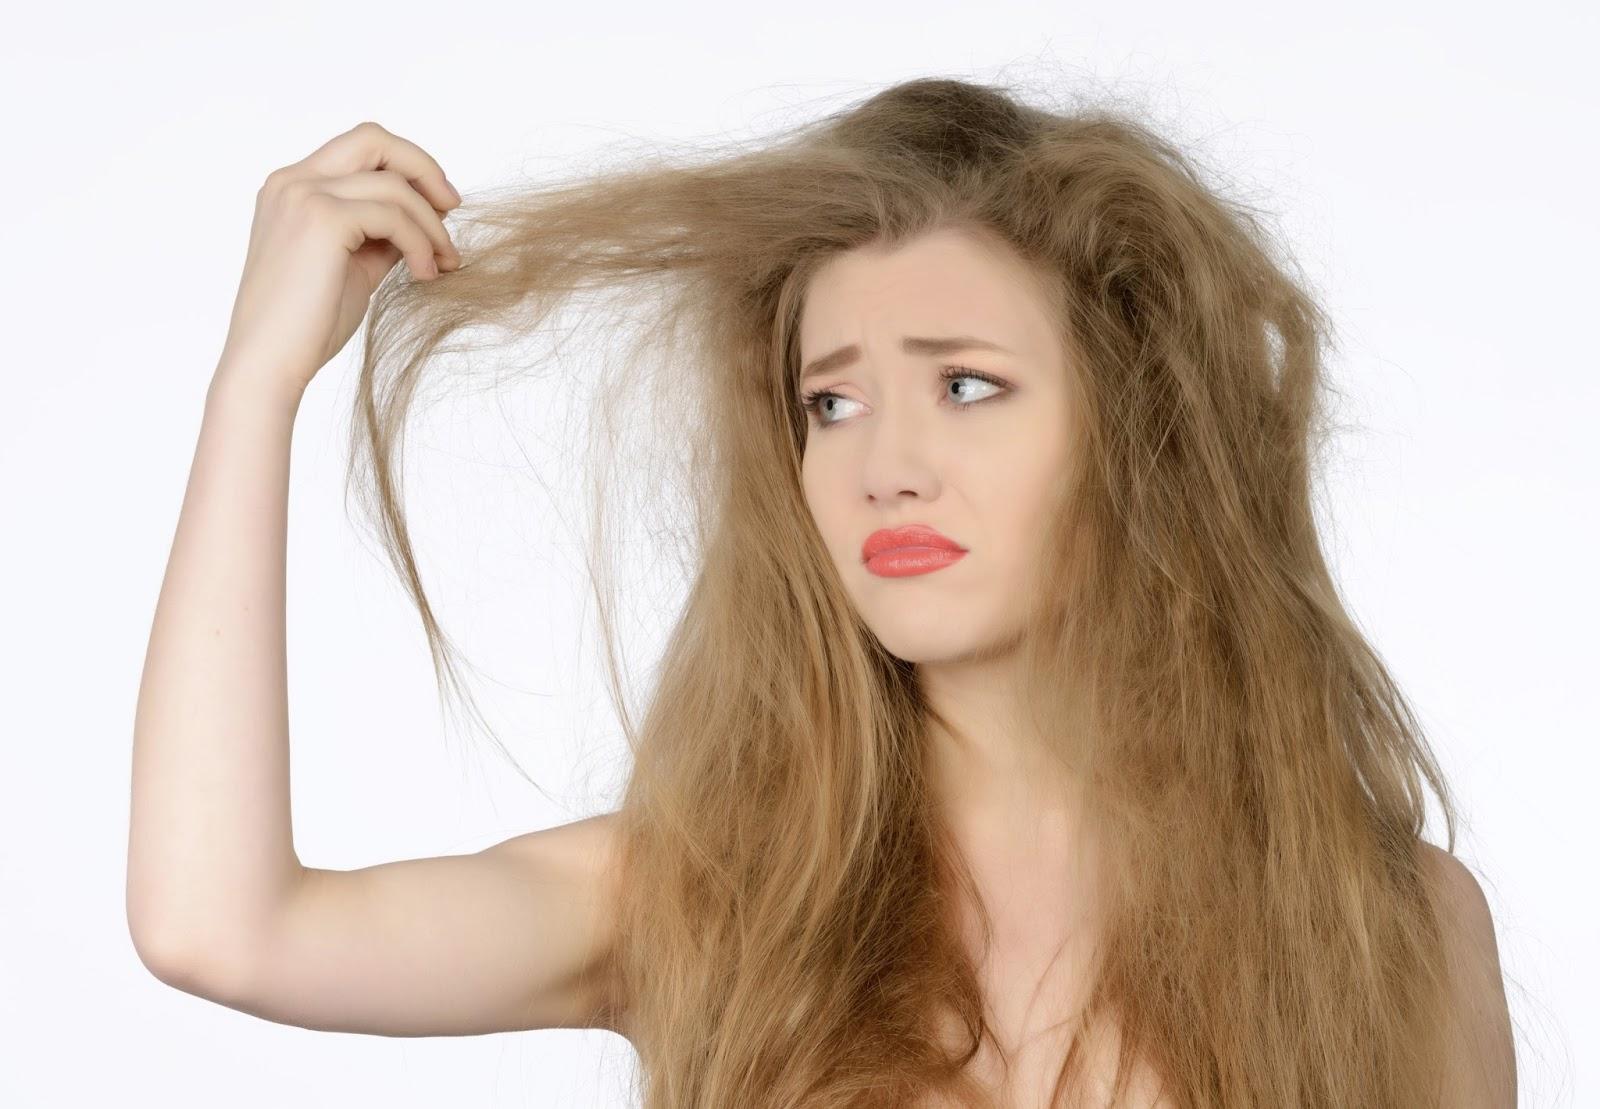 Bakımlı Saçlar İçin Pratik Öneriler